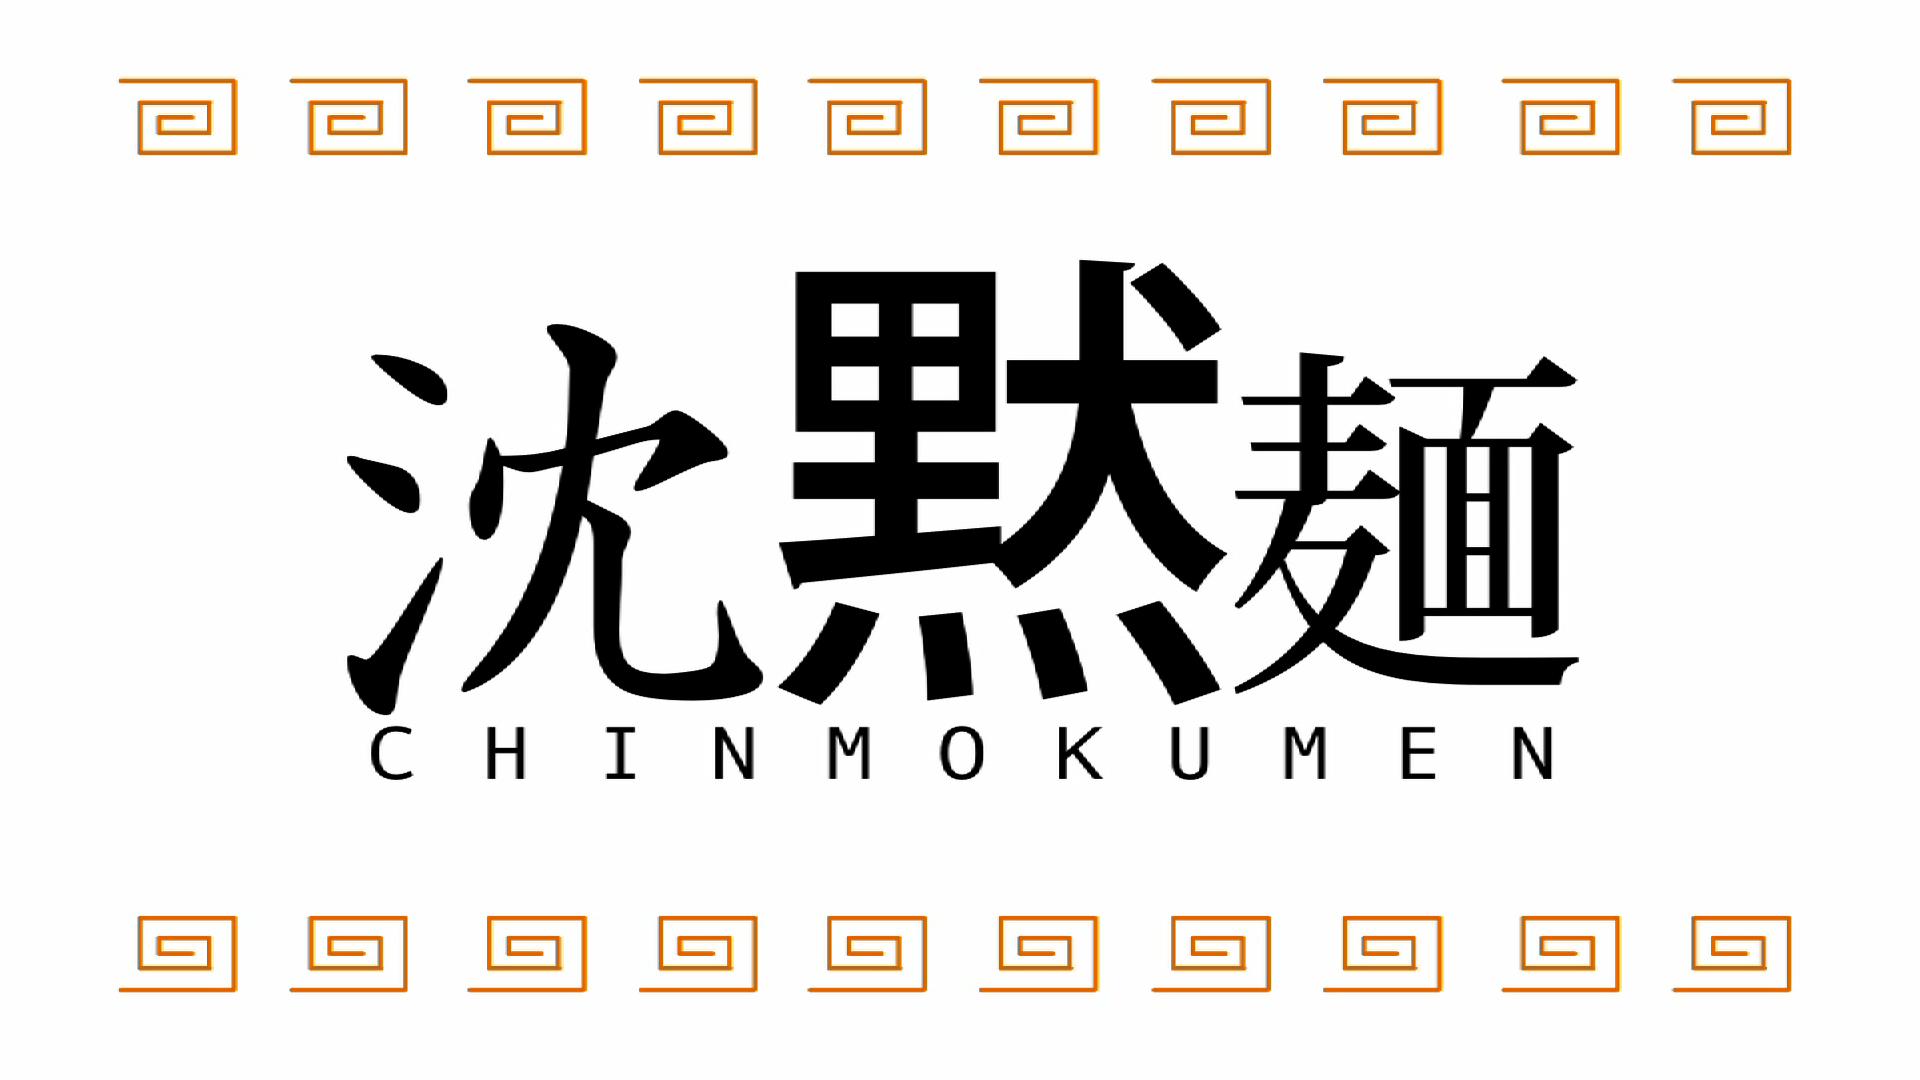 沈黙麺タイトル.png